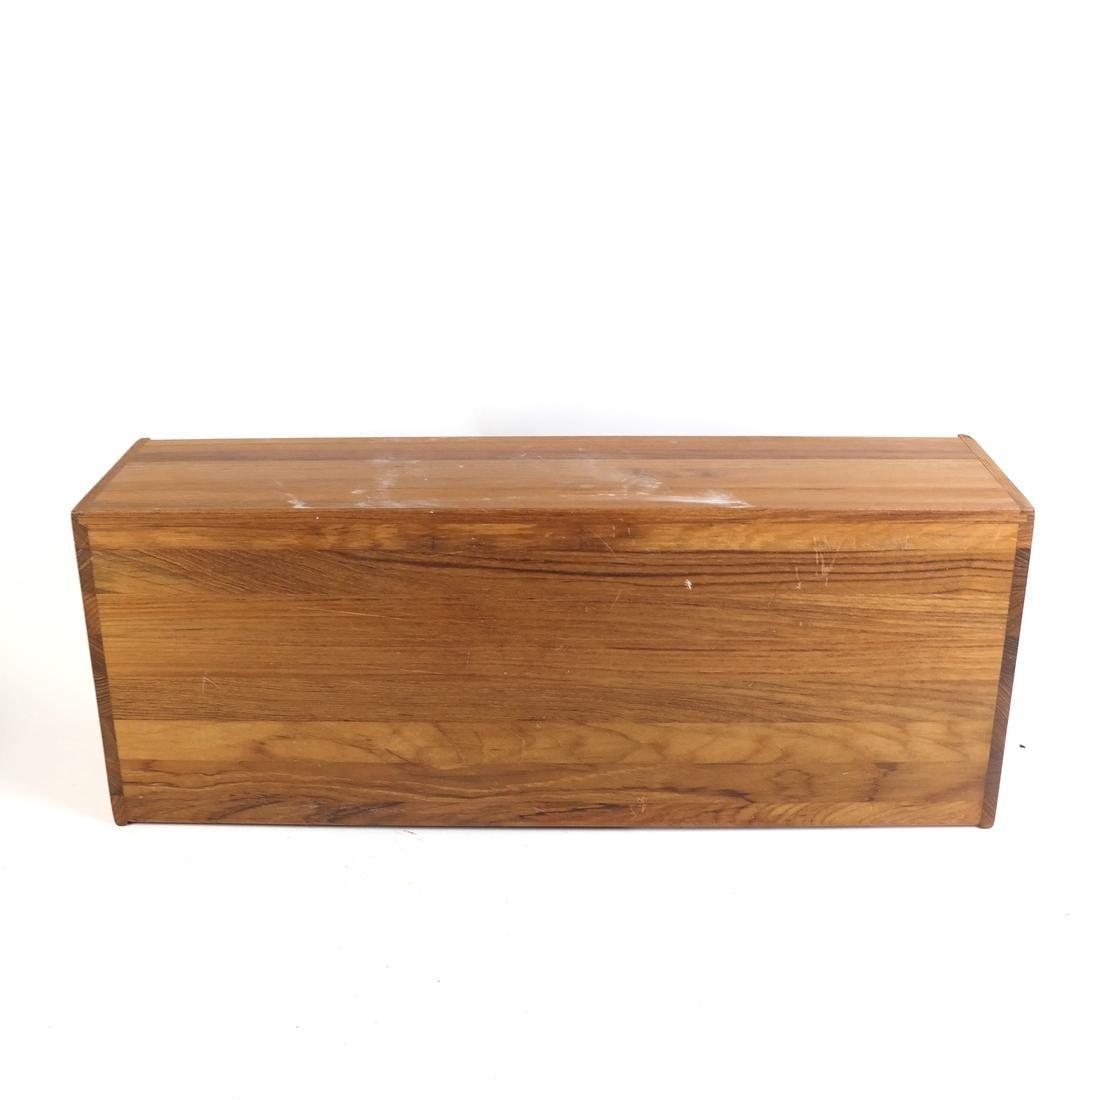 Wooden Desk Organizer - 7